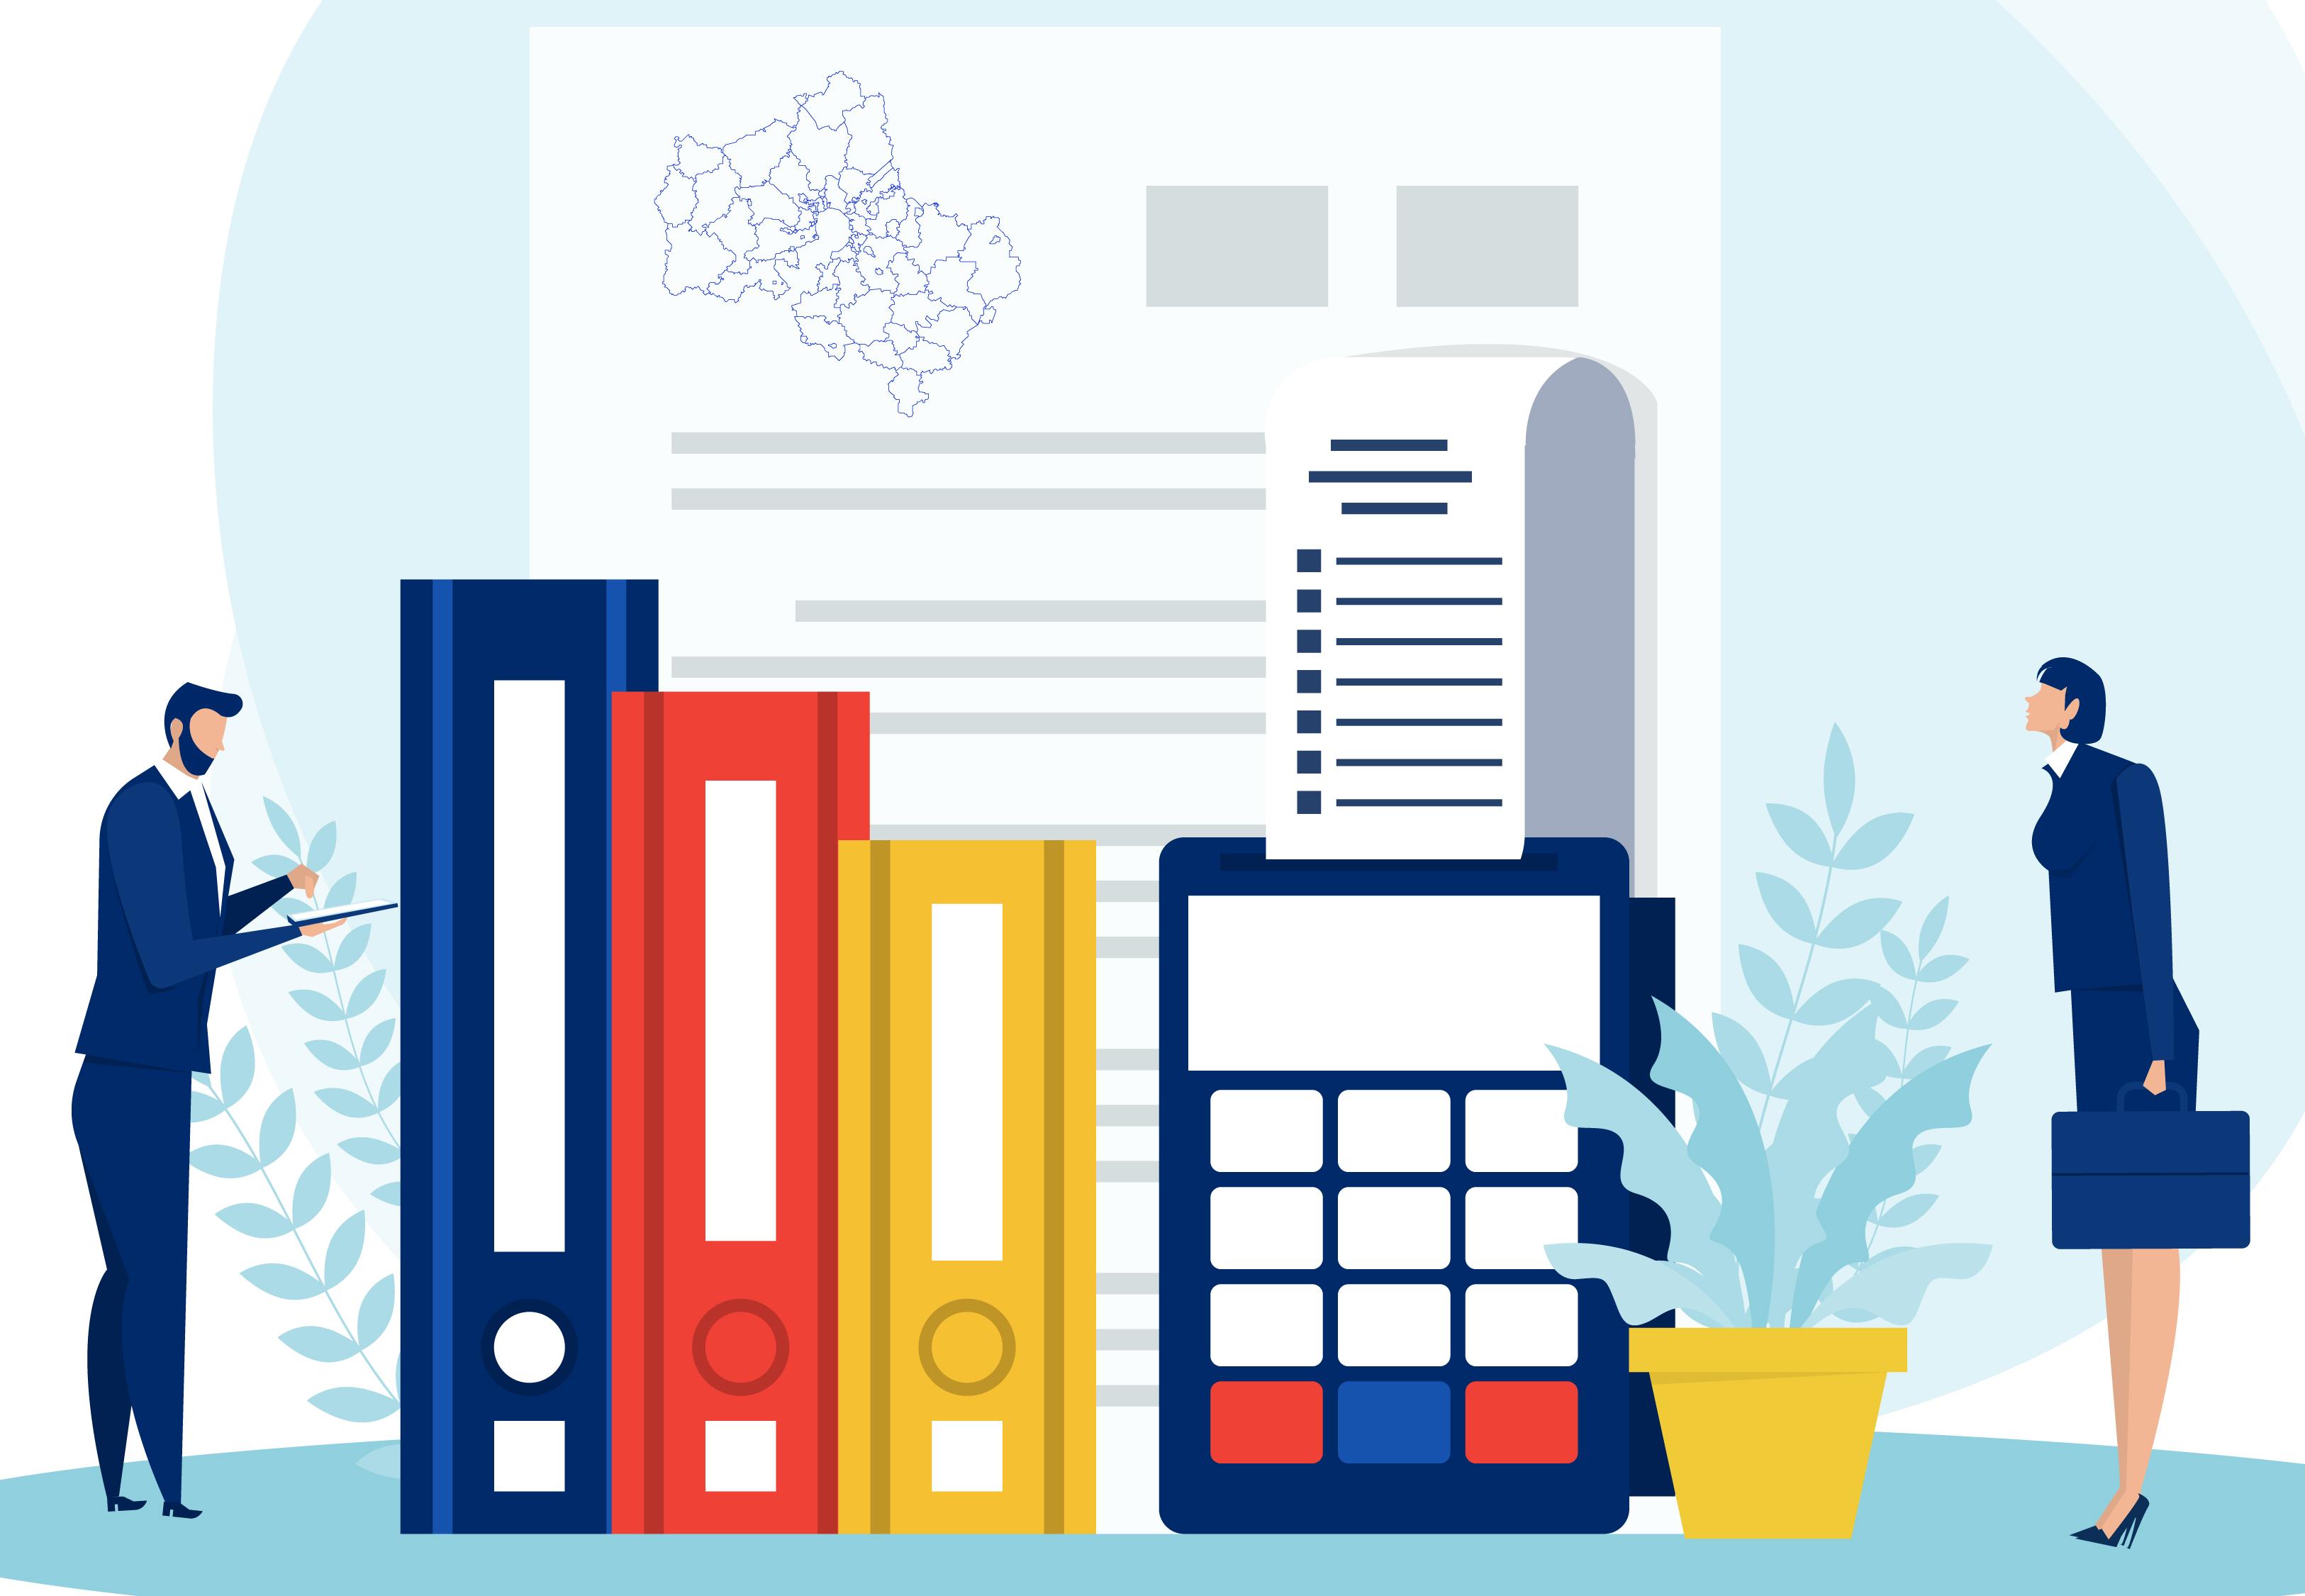 В Министерстве экономики и финансов обсудили изменения в подготовке и предоставлении бюджетной отчетности в 2020 и 2021 годах